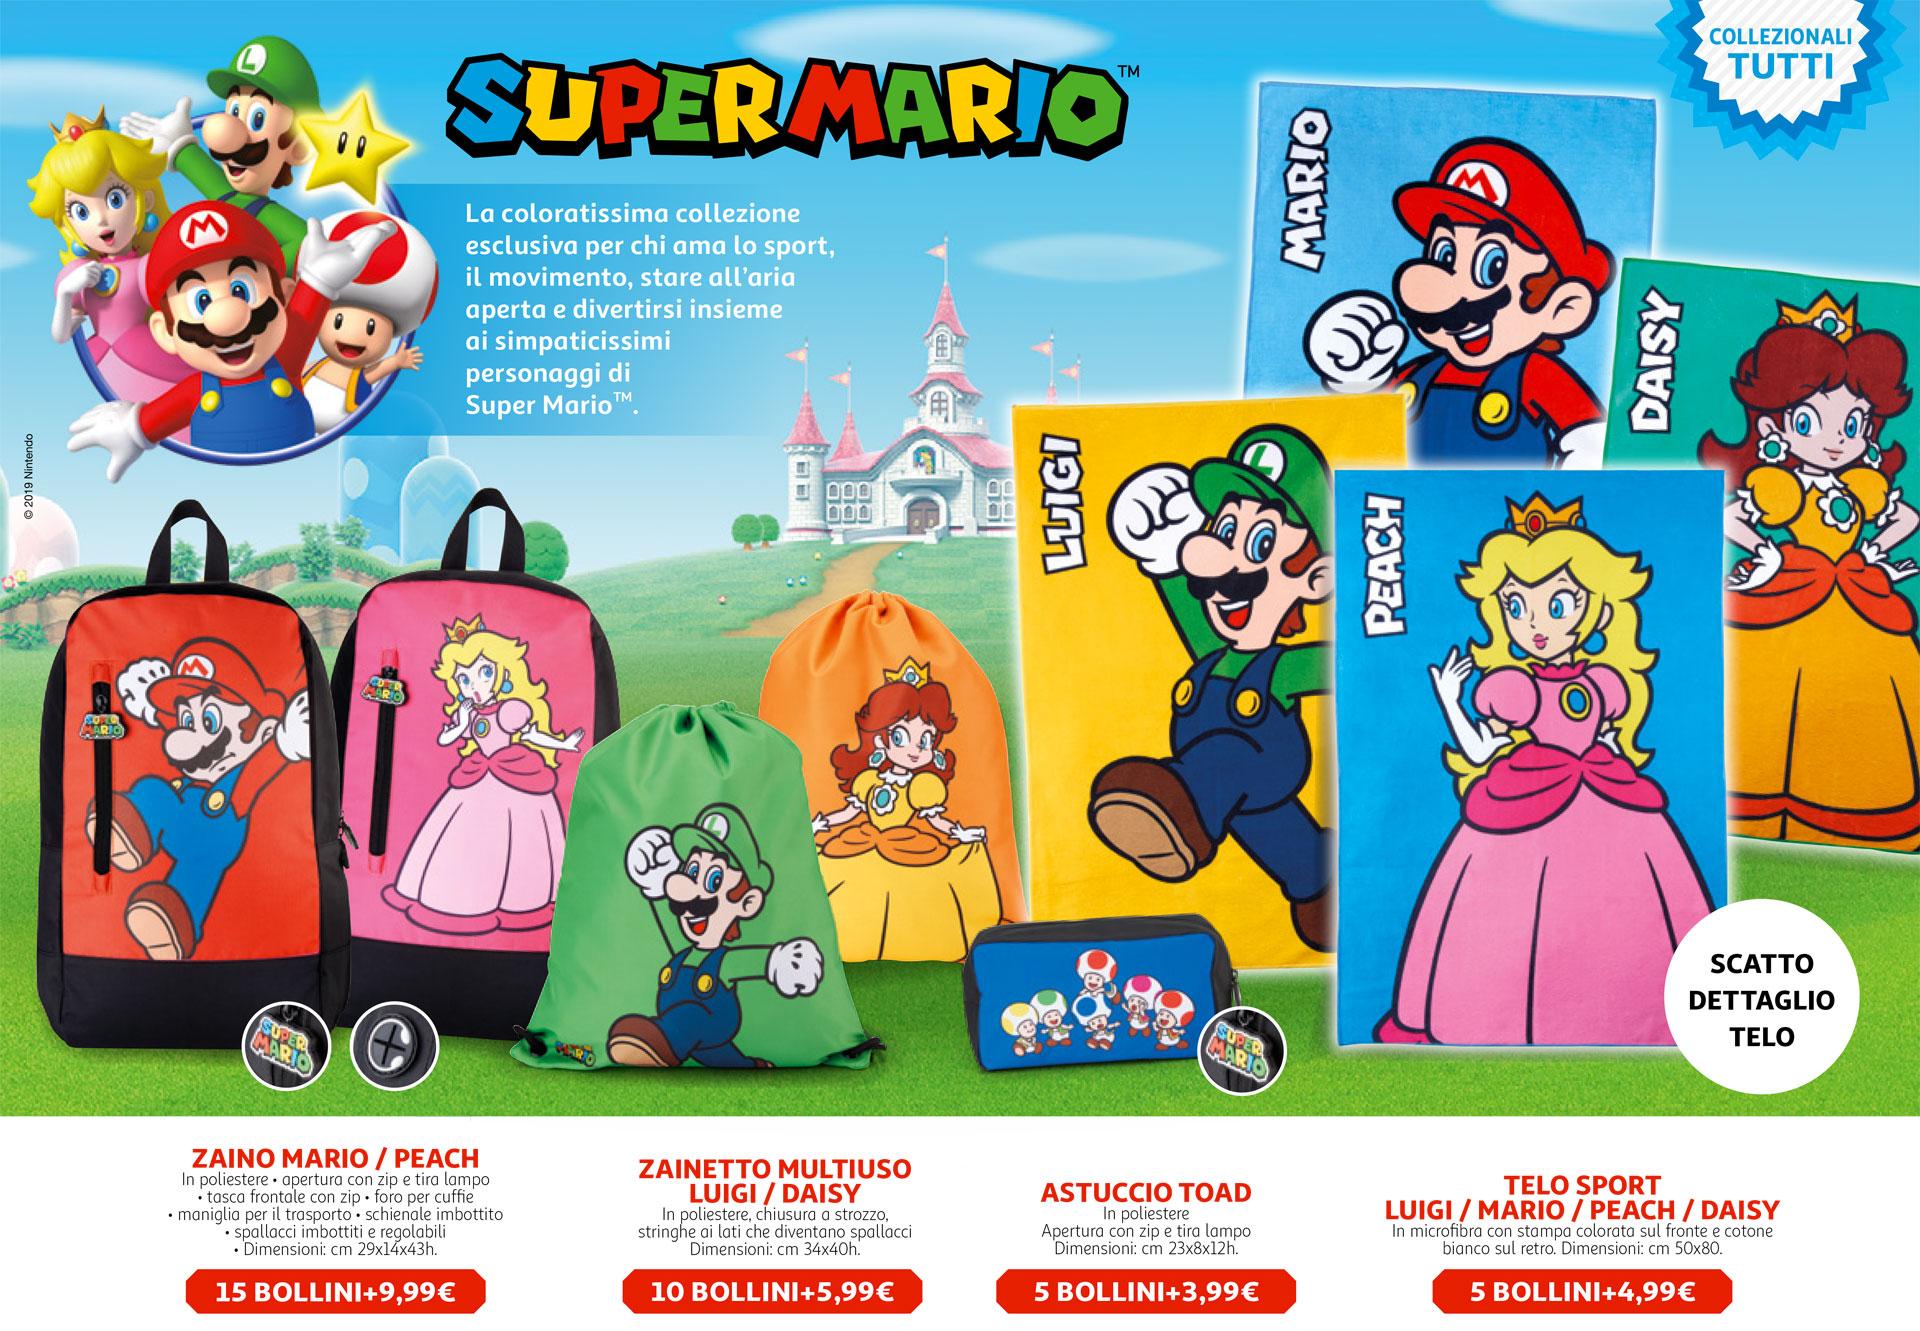 Super Mario: arriva la raccolta punti da Auchan e Simply